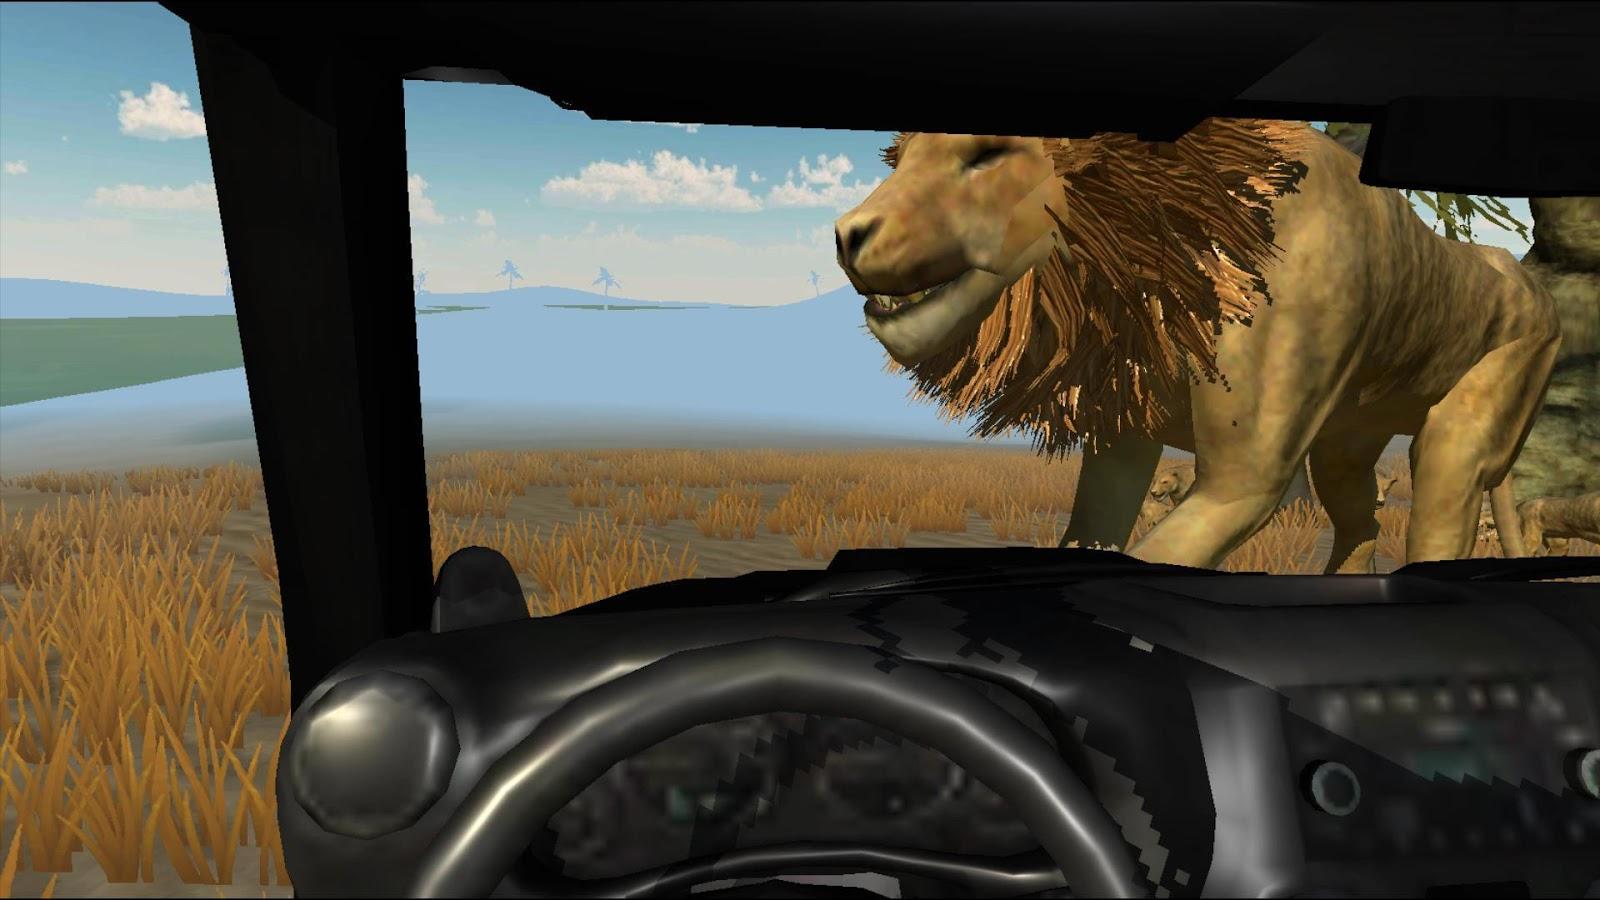 VR Safari - Google Cardboard Game 1 78 APK Download - Android